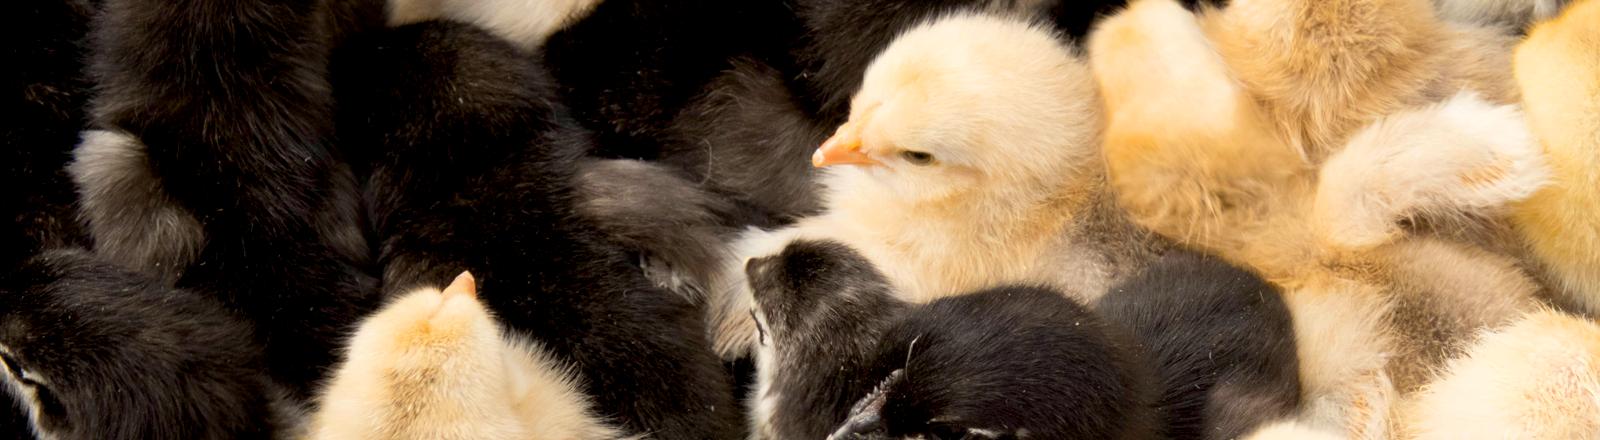 Hühnerküken sitzen dicht an dicht